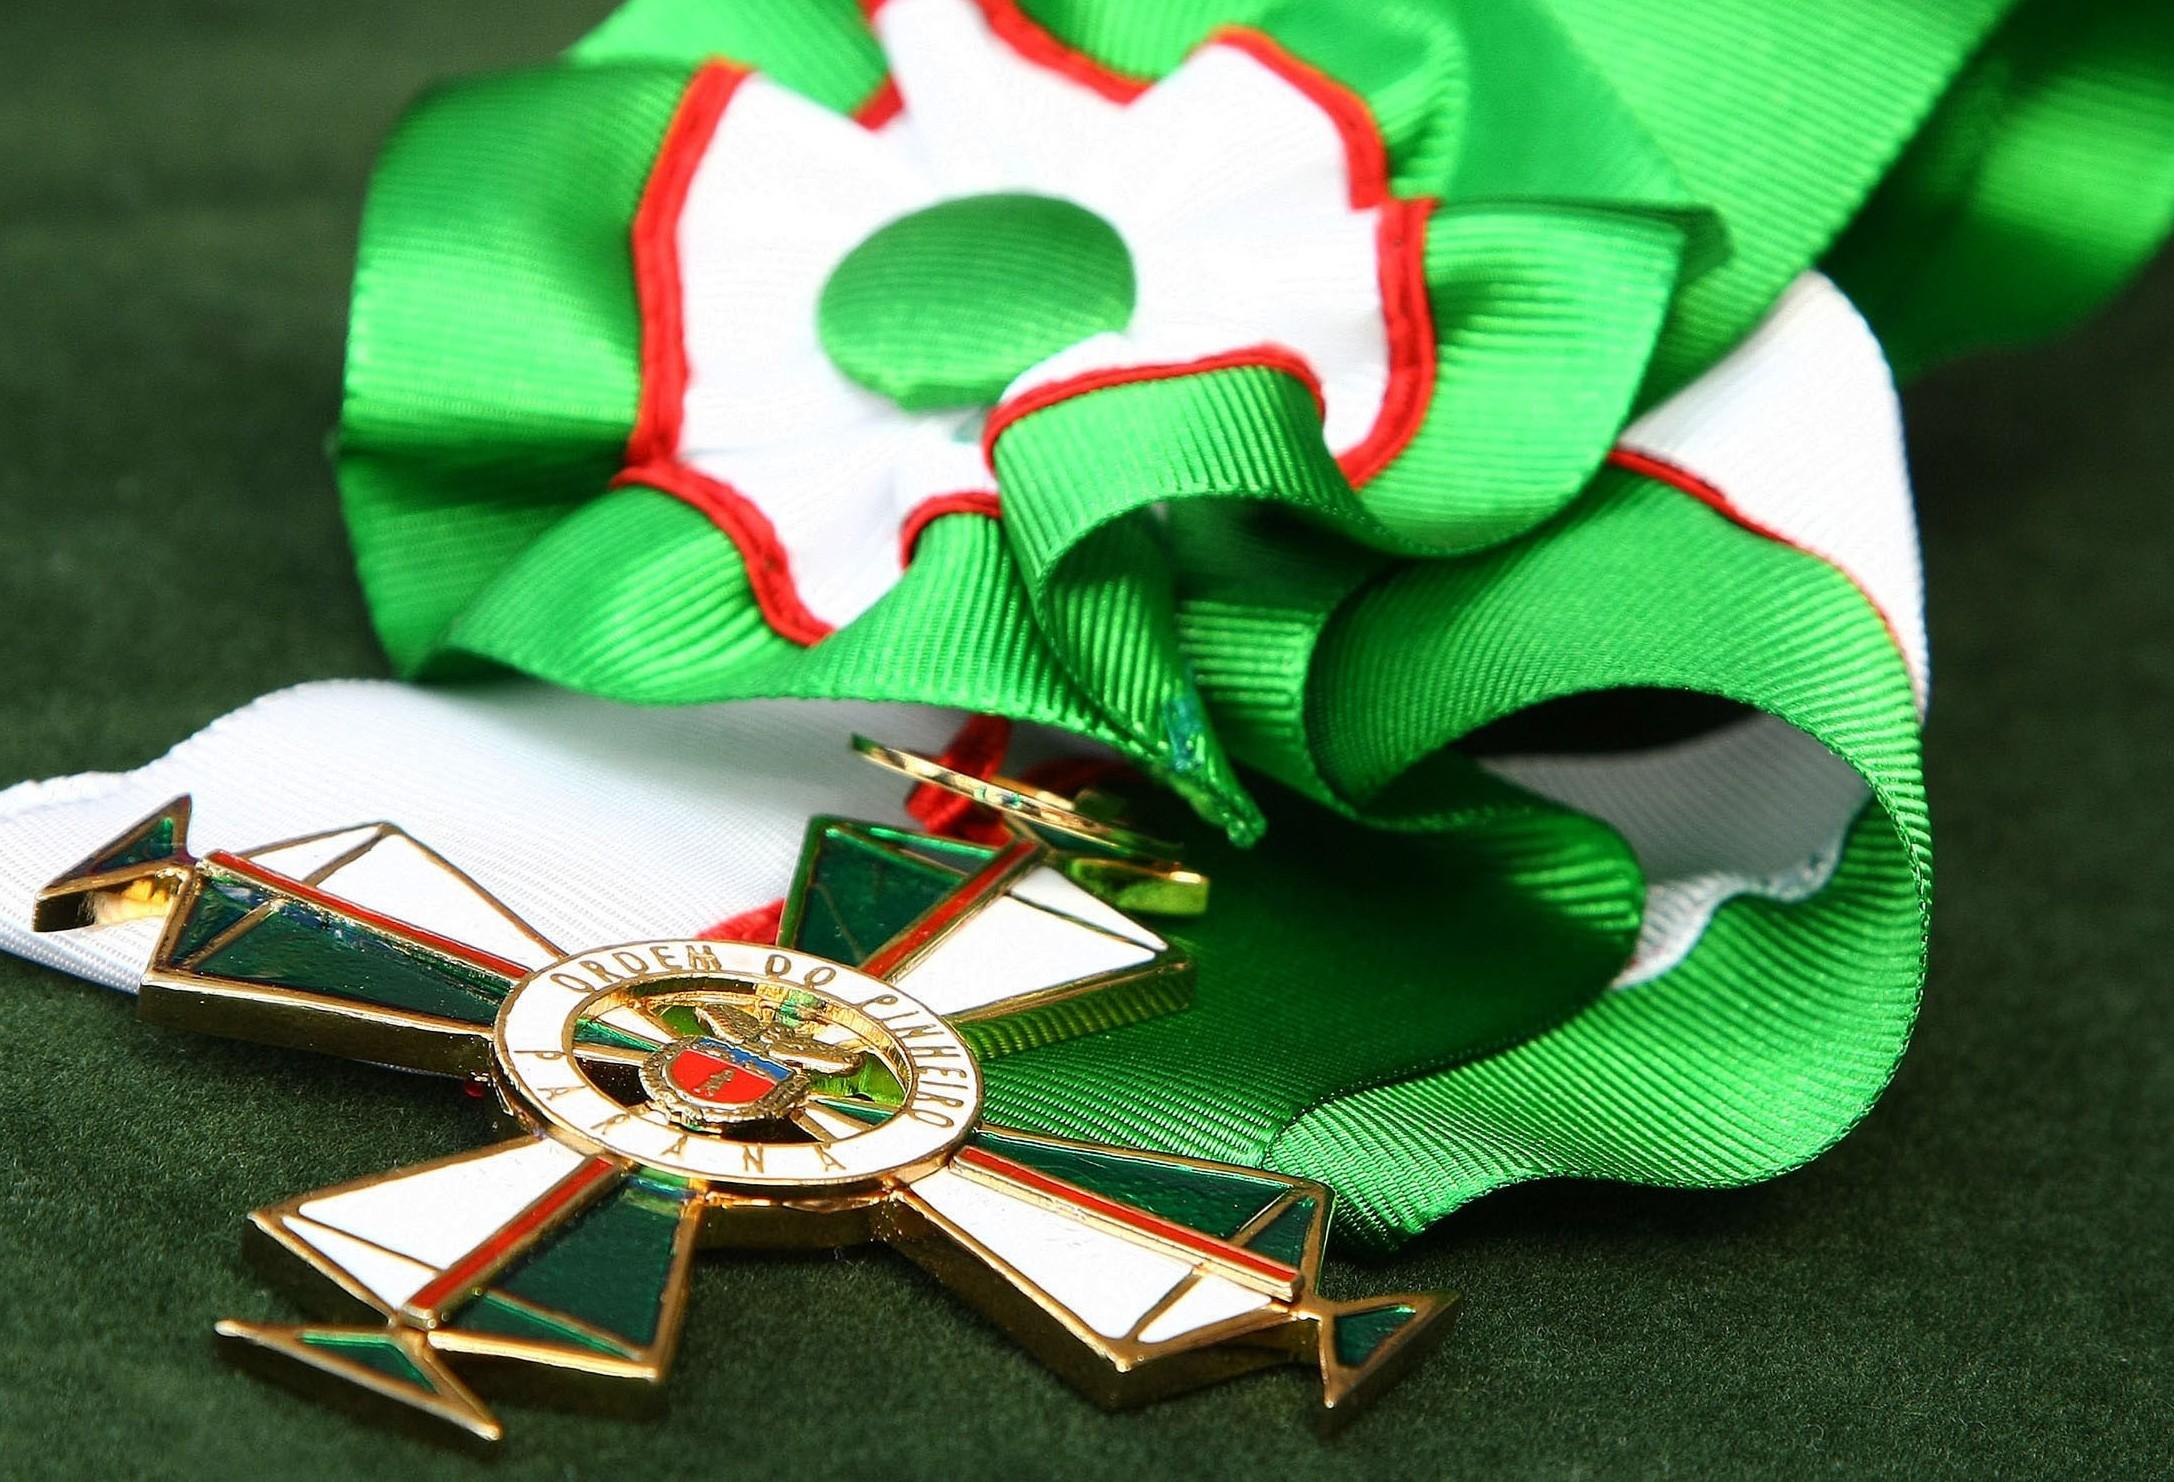 Em torno de dez maringaenses receberão Ordem do Pinheiro